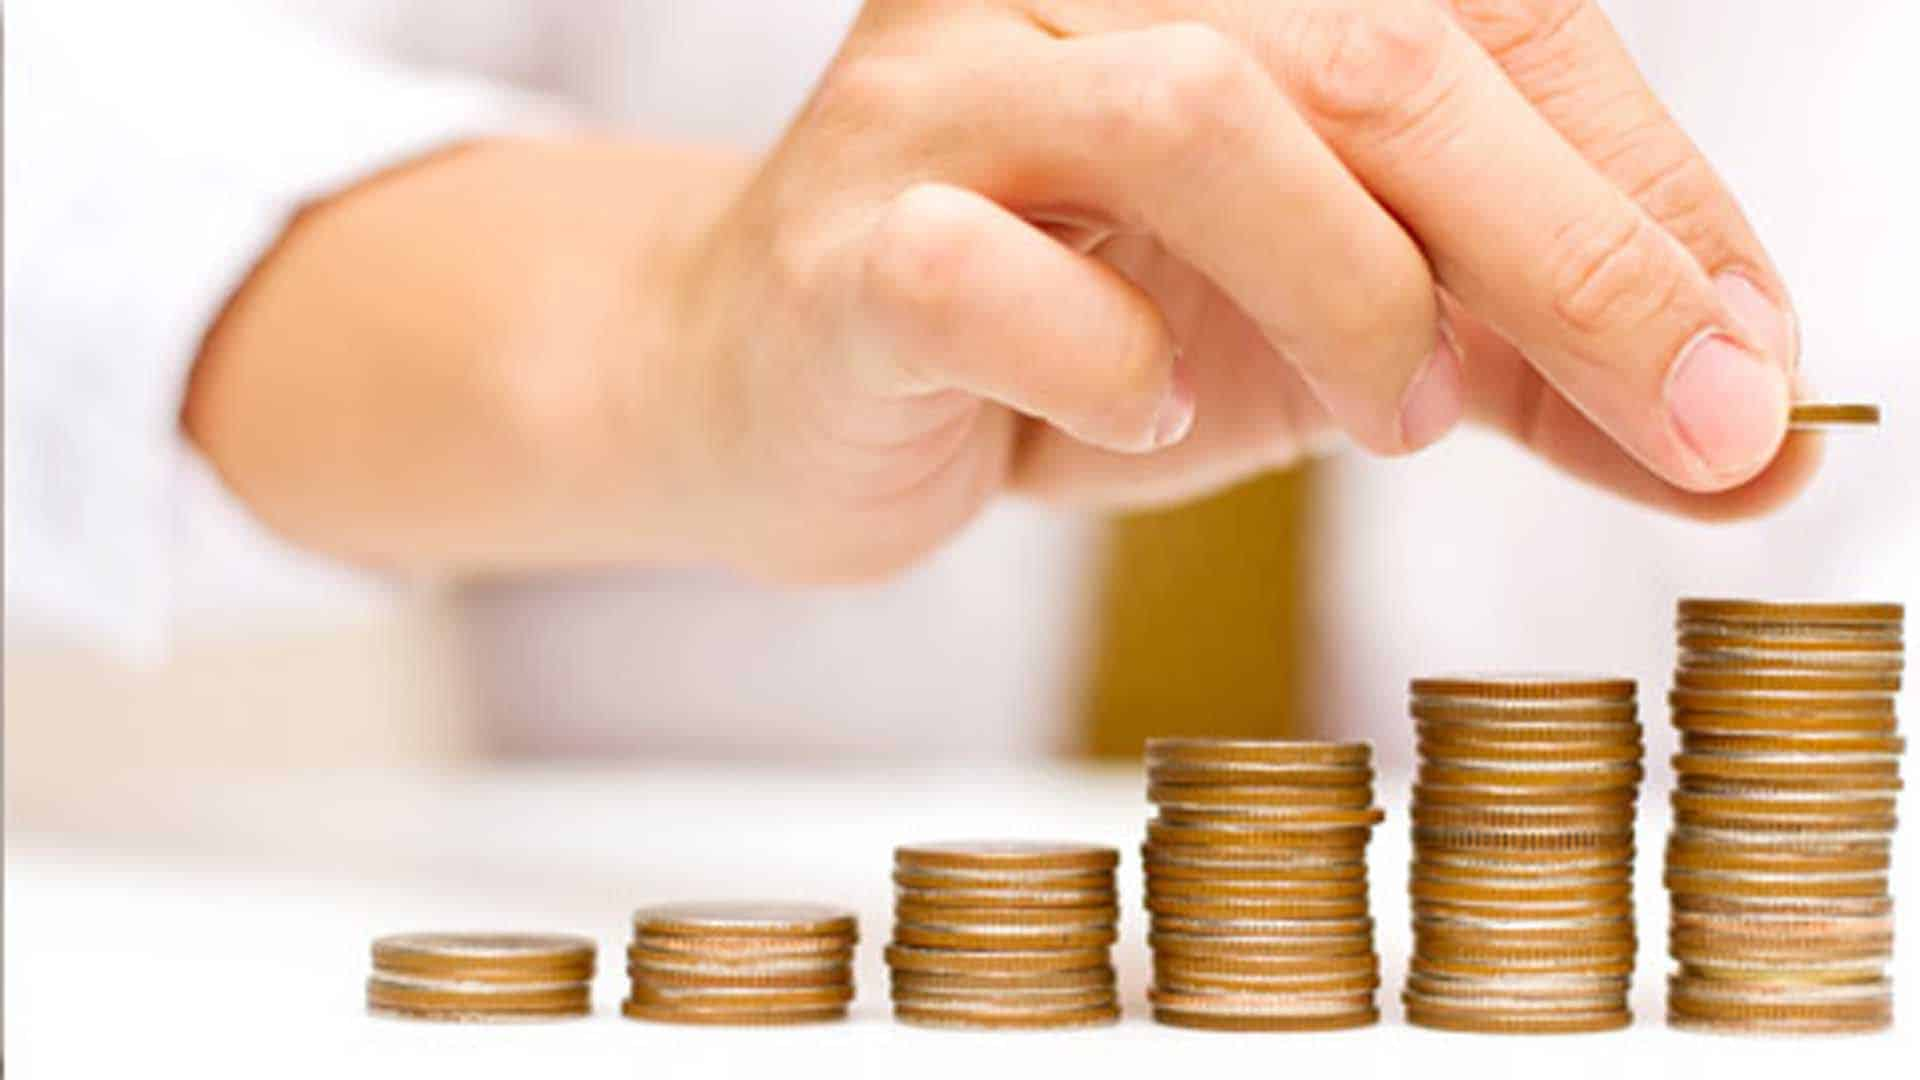 Presupuesto familiar: El pago de los servicios e impuestos ya absorbe el 55% del salario